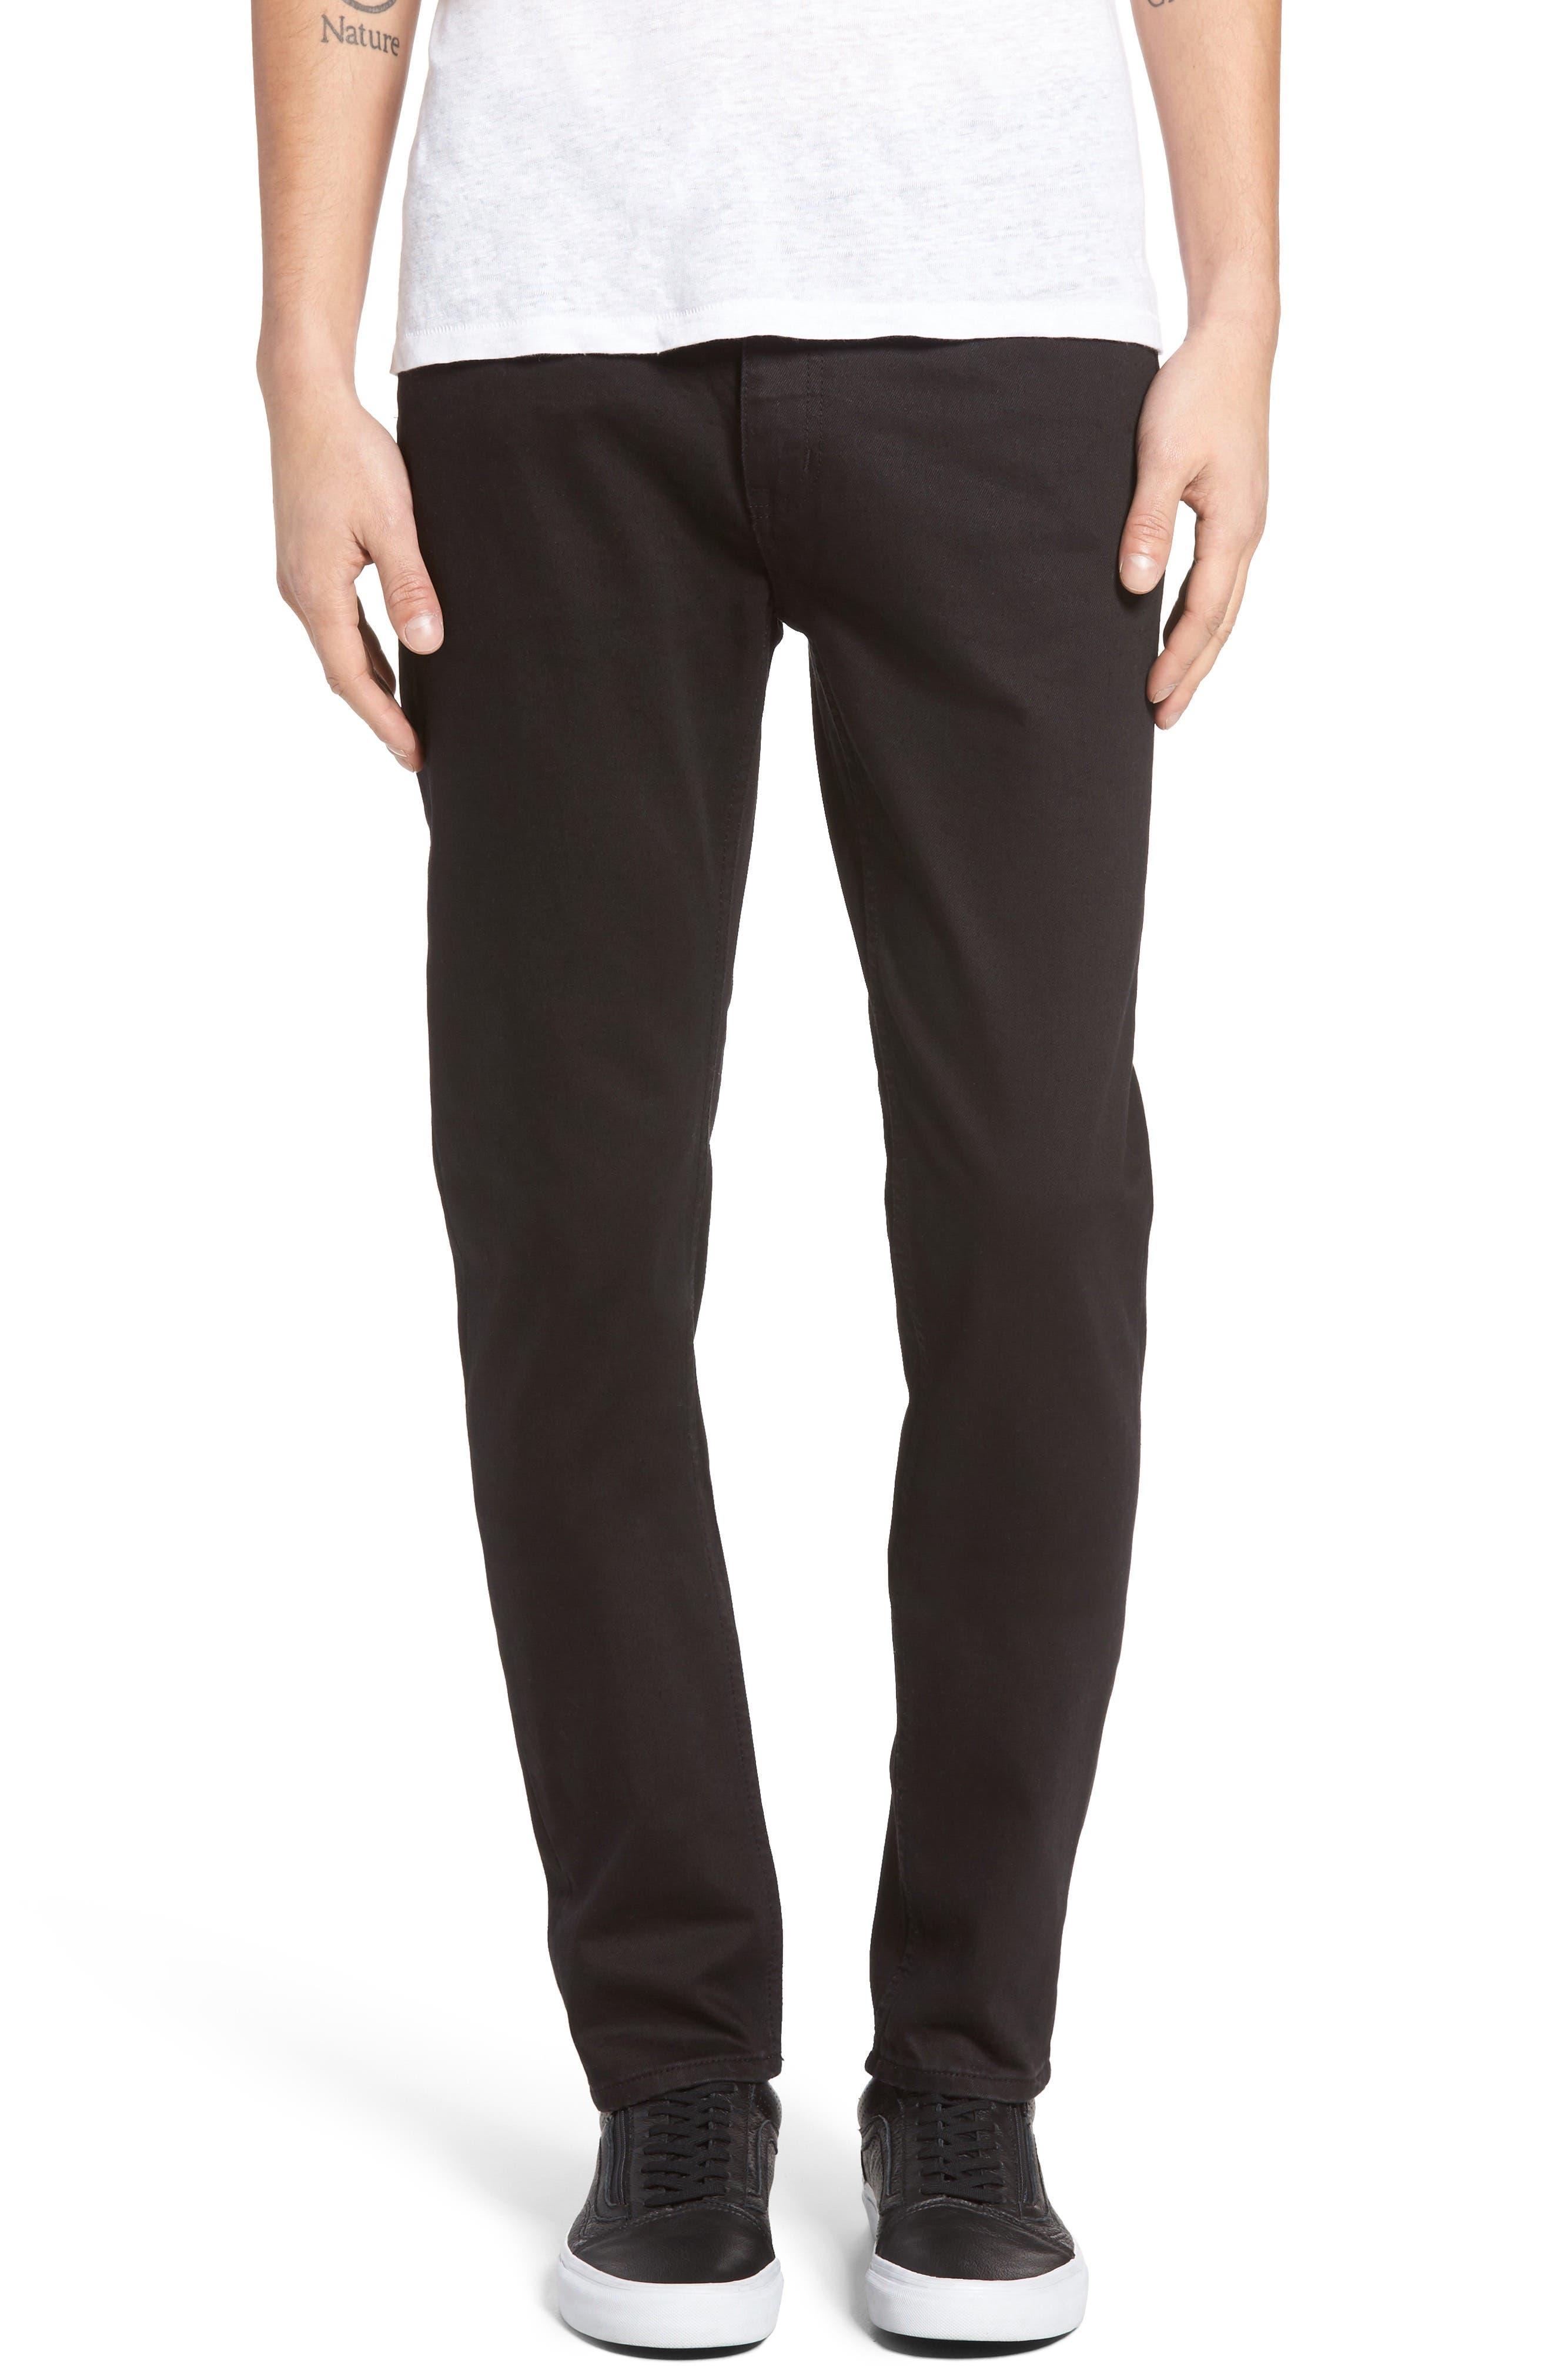 CHEAP MONDAY Sonic Slim Fit Jeans, Main, color, 001